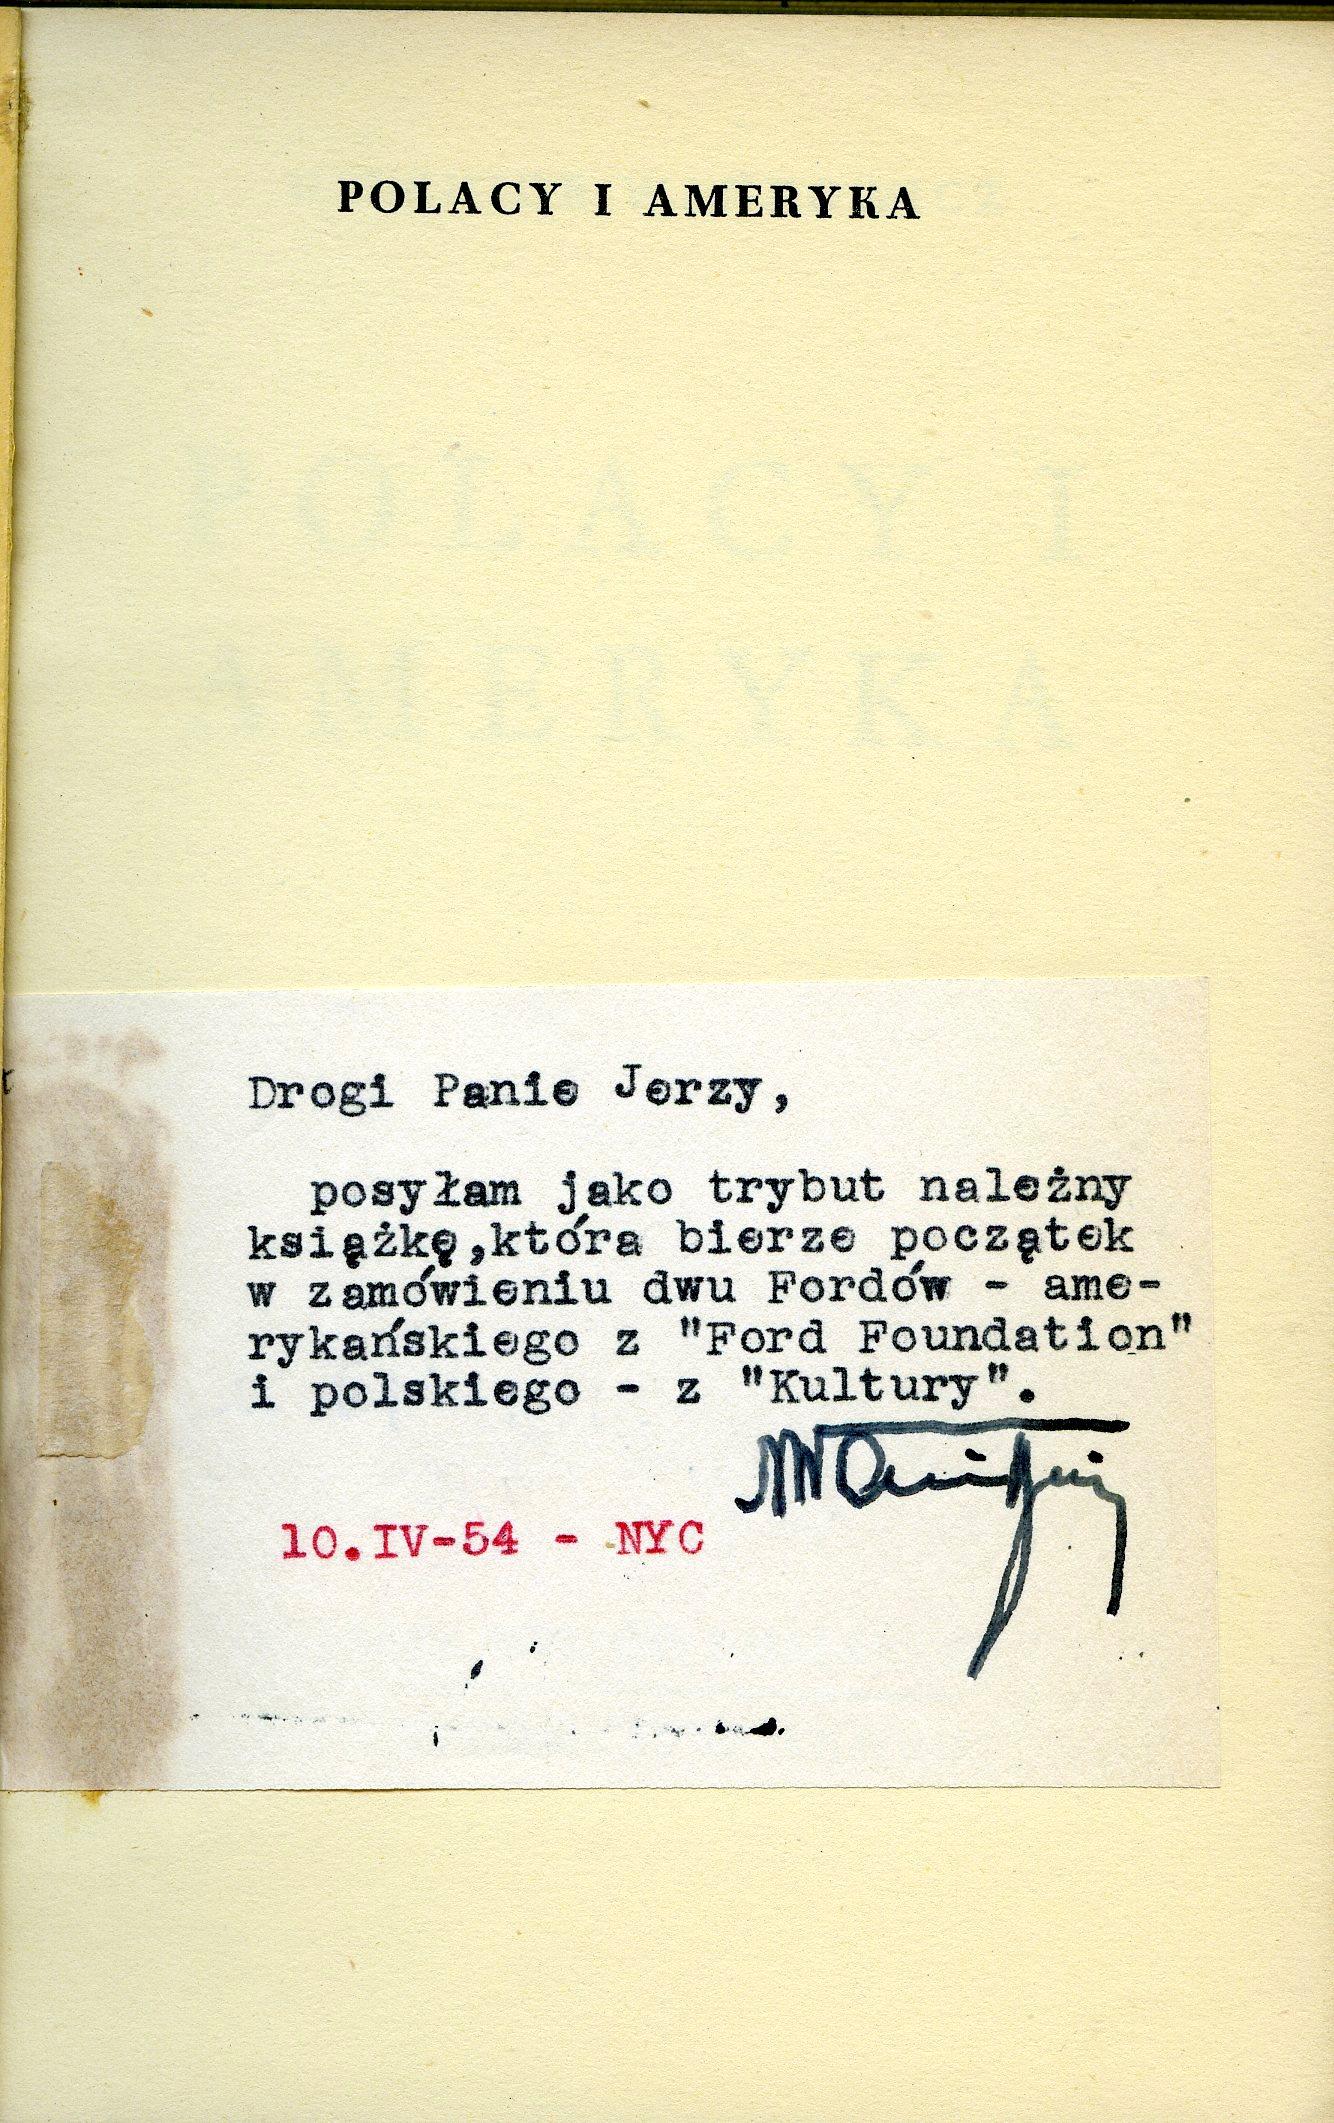 """<div class='inner-box'><div class='close-desc'></div><span class='opis'>Dedykacja: Melchior Wańkowicz dla Jerzego Giedroycia. """"Polacy i Ameryka"""", 1954.</span><div class='clearfix'></div><span>Sygn. dedyk051b</span><div class='clearfix'></div><span>© Instytut Literacki</span></div>"""